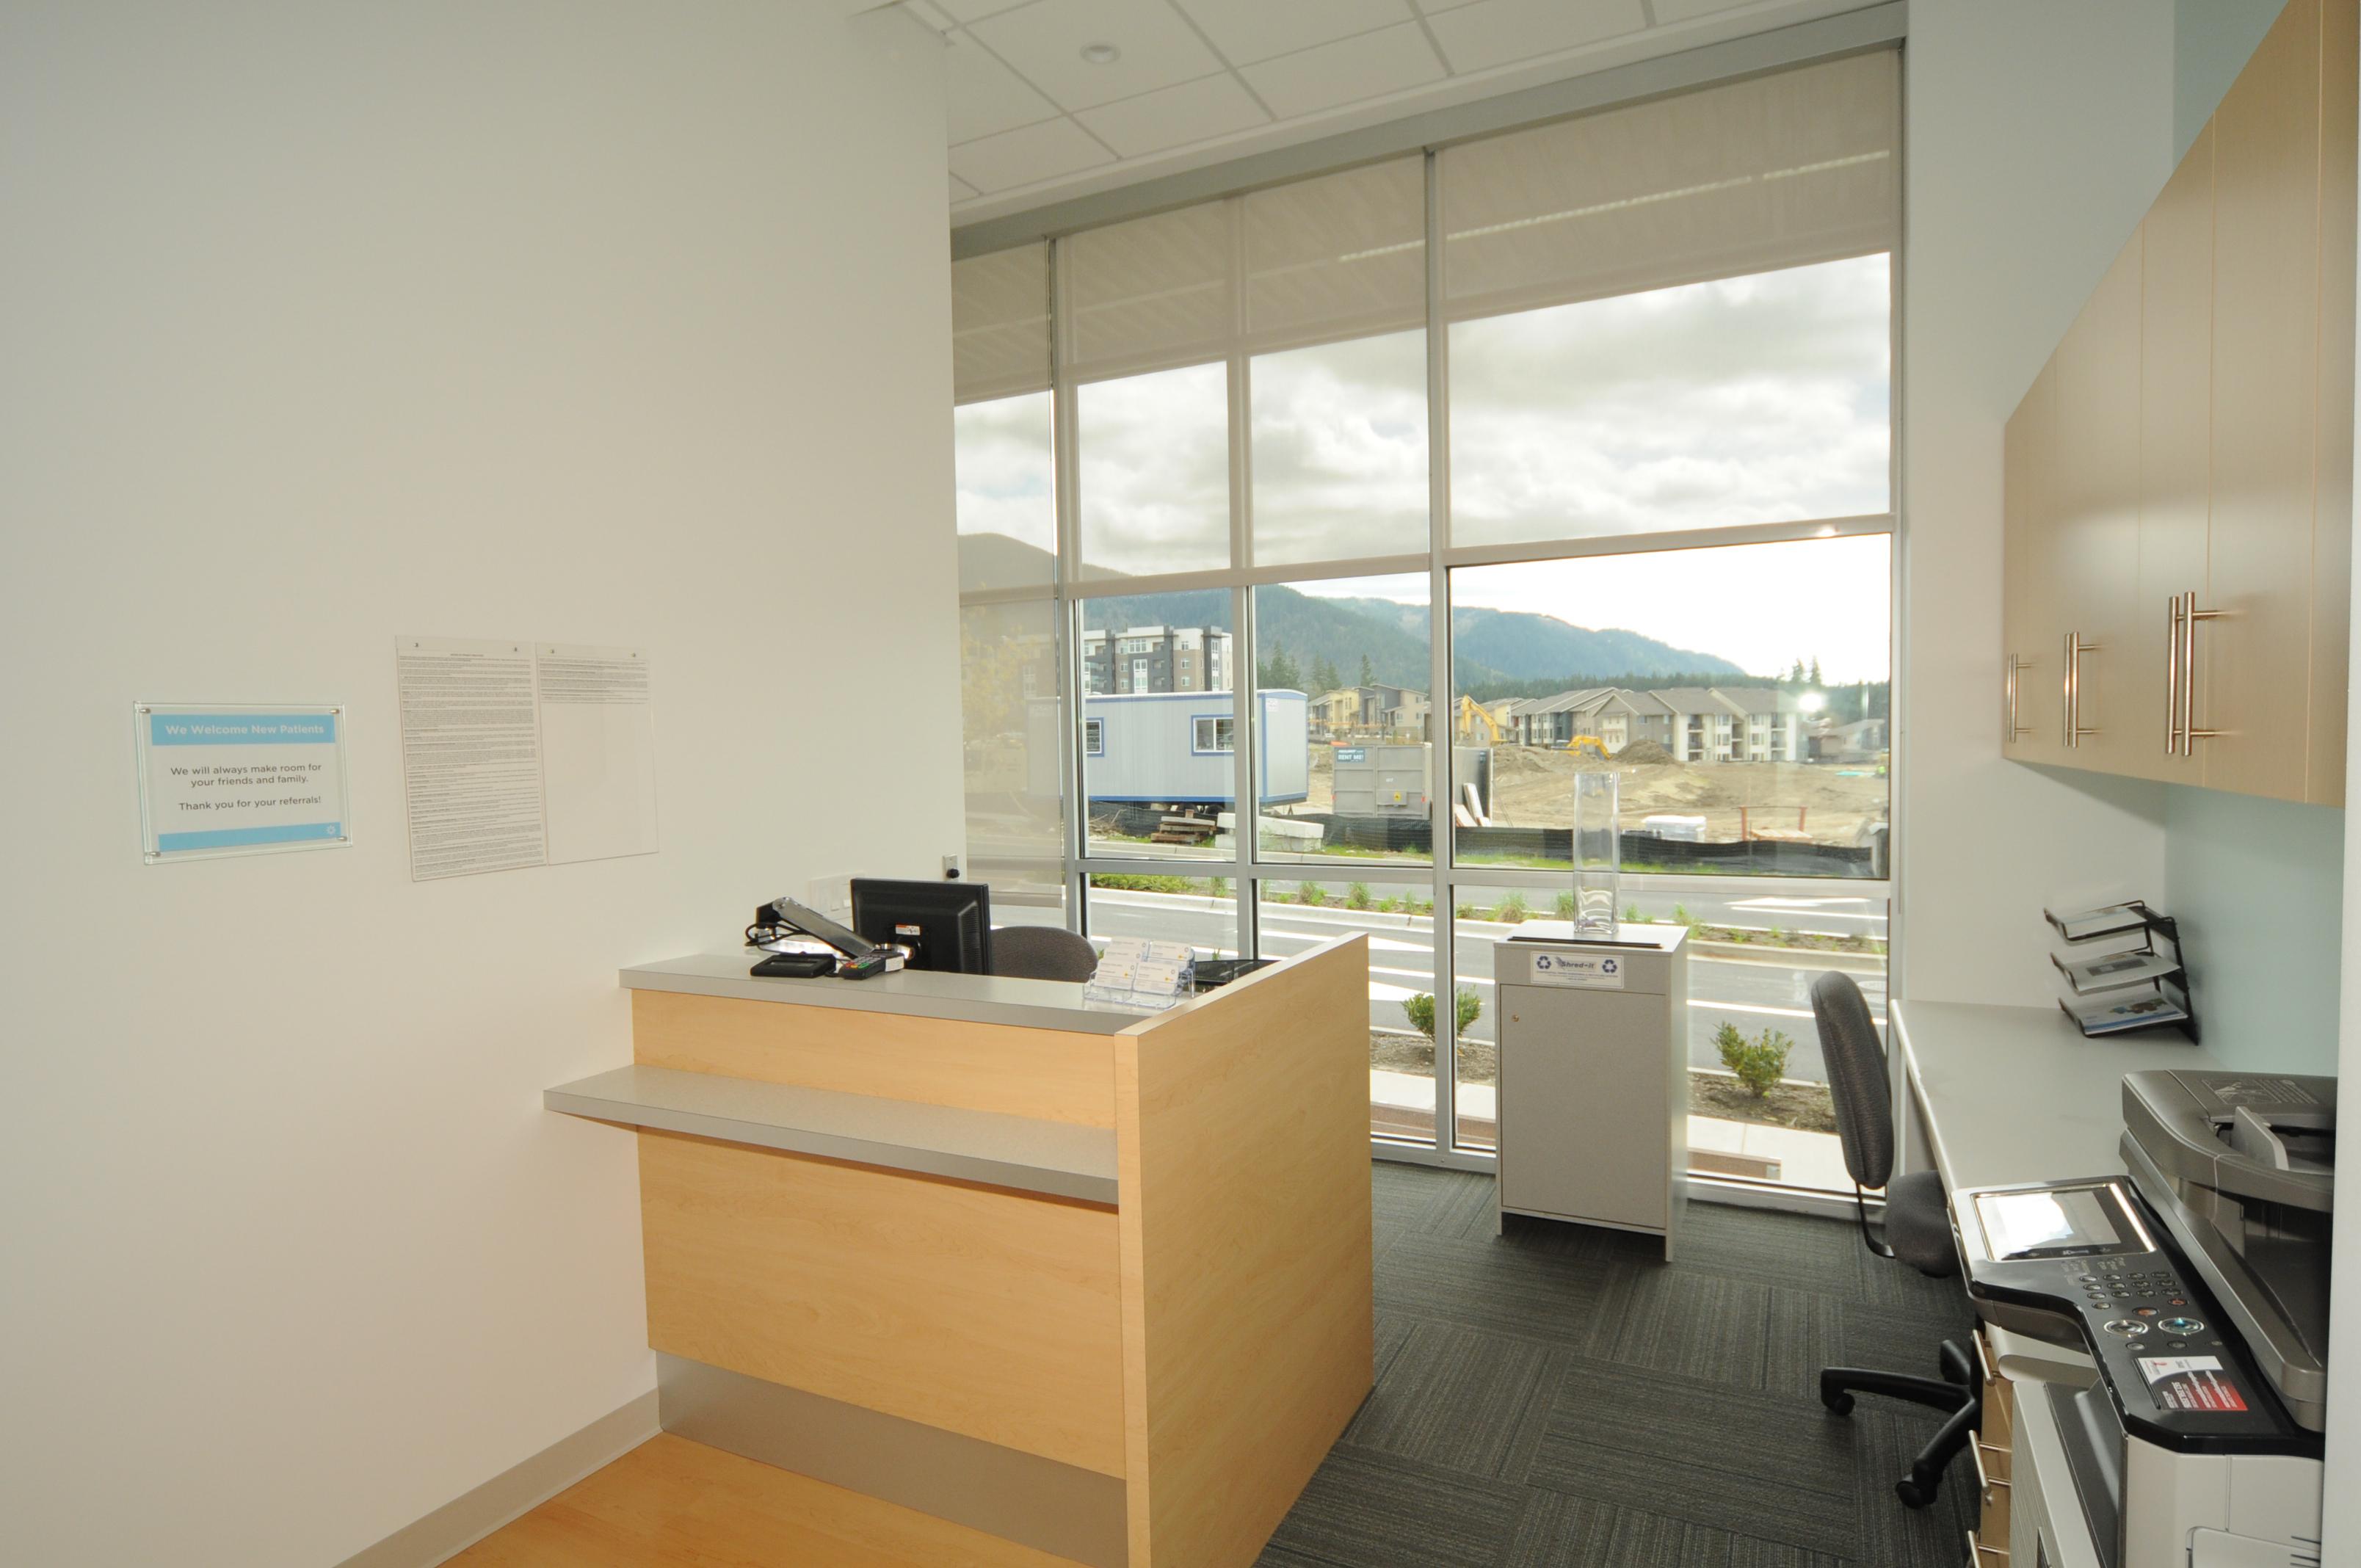 Issaquah Highlands Dental Group image 15